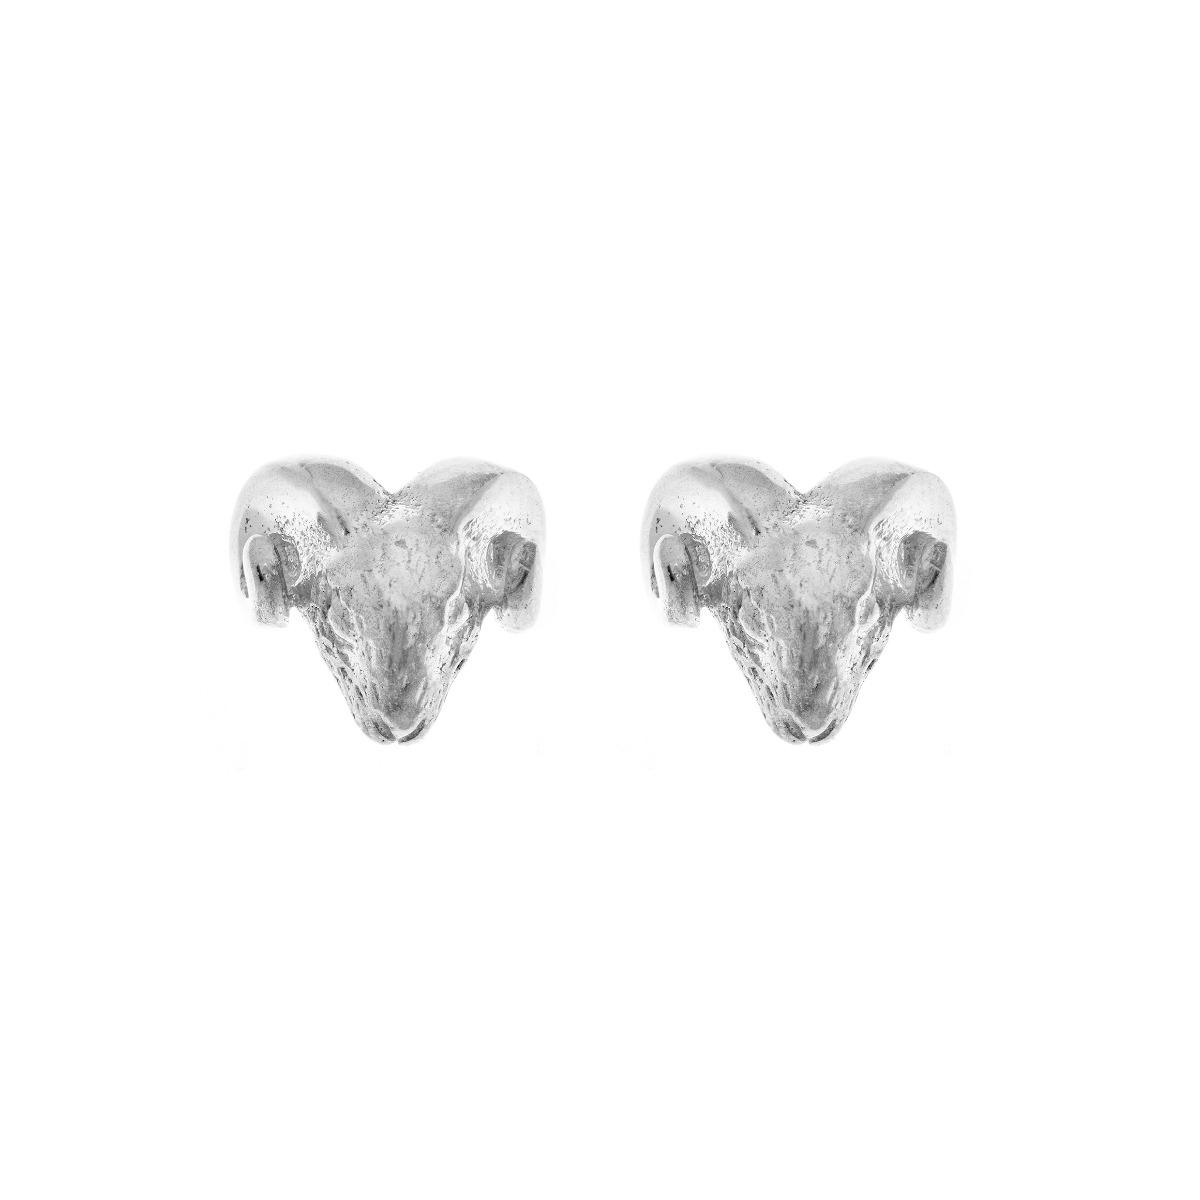 Zodiac East Ram Earring